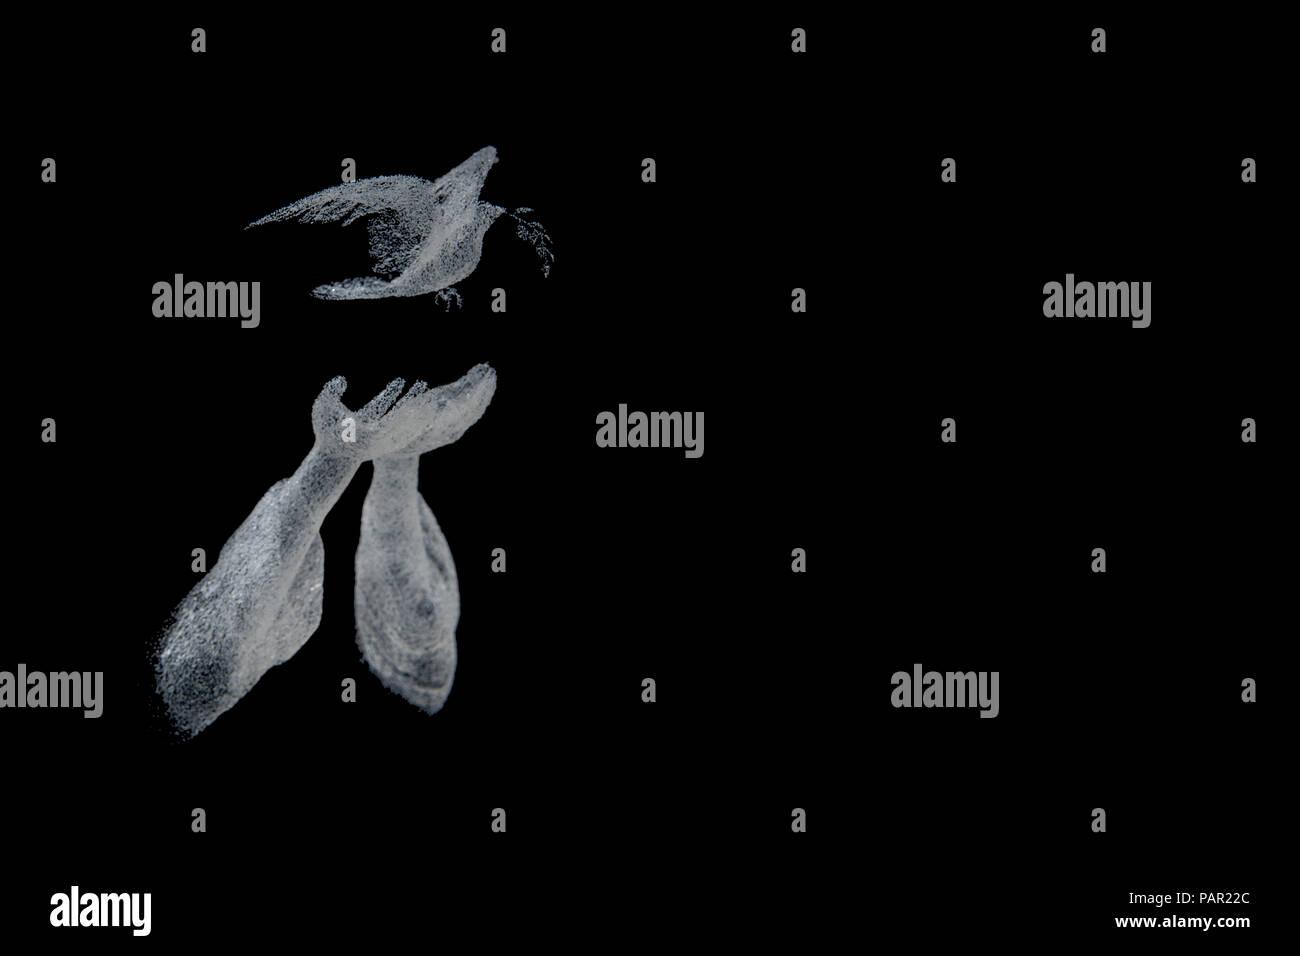 Una coppia di mani releaseing una colomba con un alloro in è impostato a becco contro uno sfondo nero. Questa immagine mostra la psycholocal teoria della Gestalt Immagini Stock